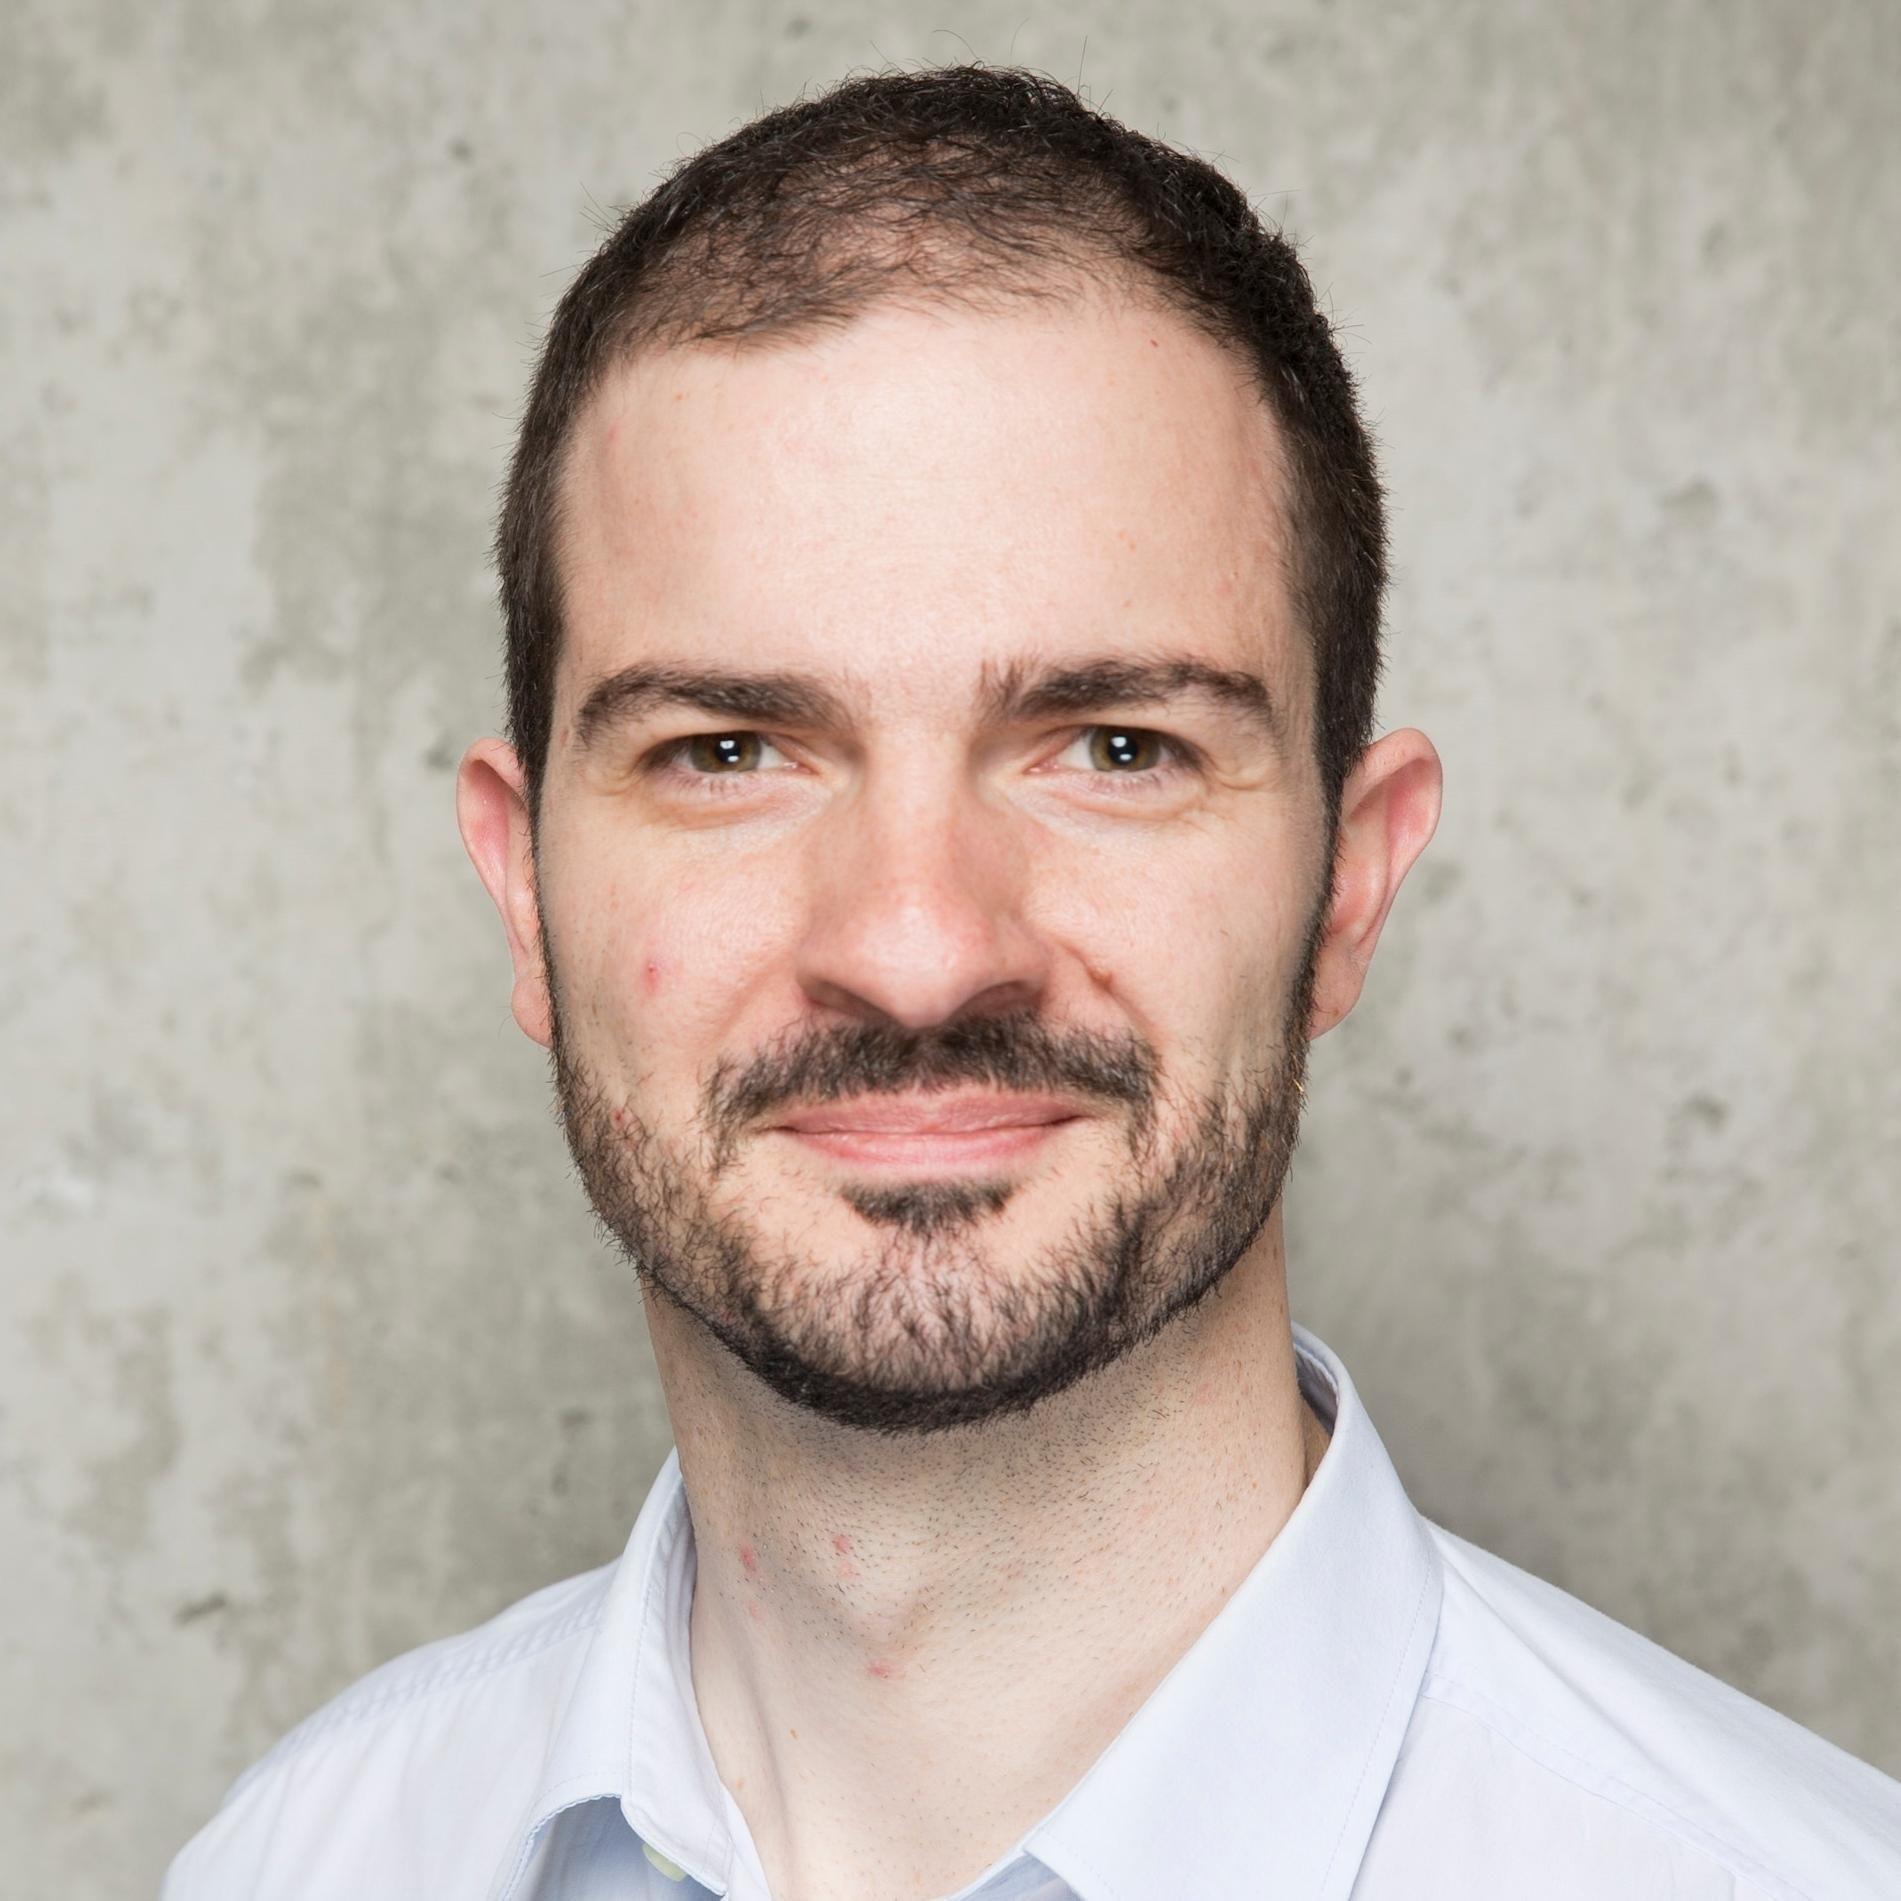 Florian Hollender